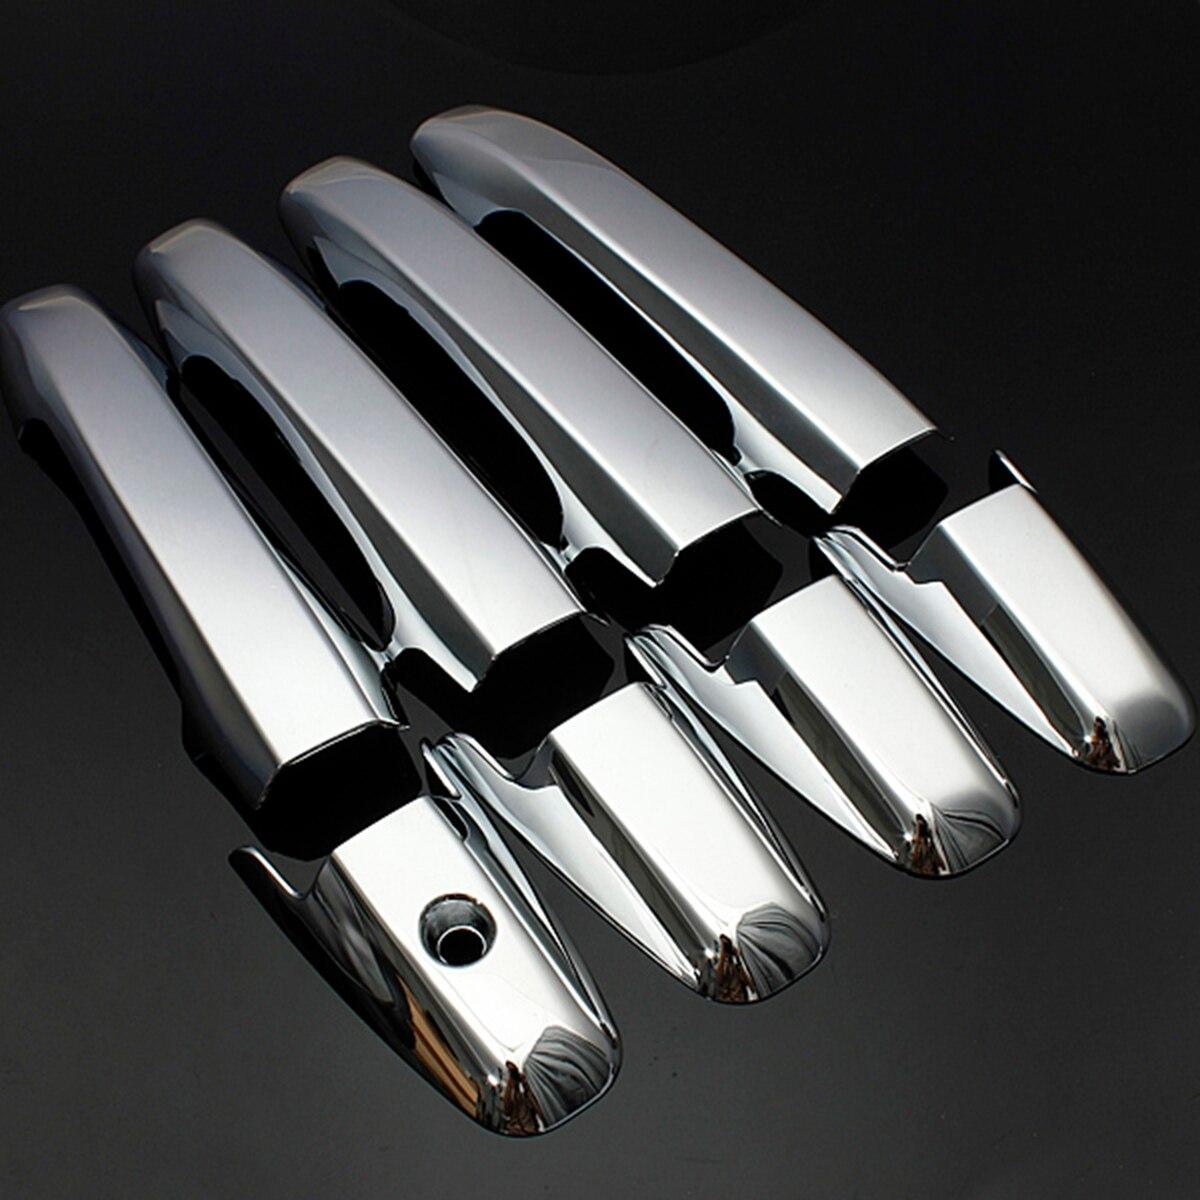 Carbon Fiber Side Door Handle Covers Trims For 2006-2011 Honda Civic Sedan